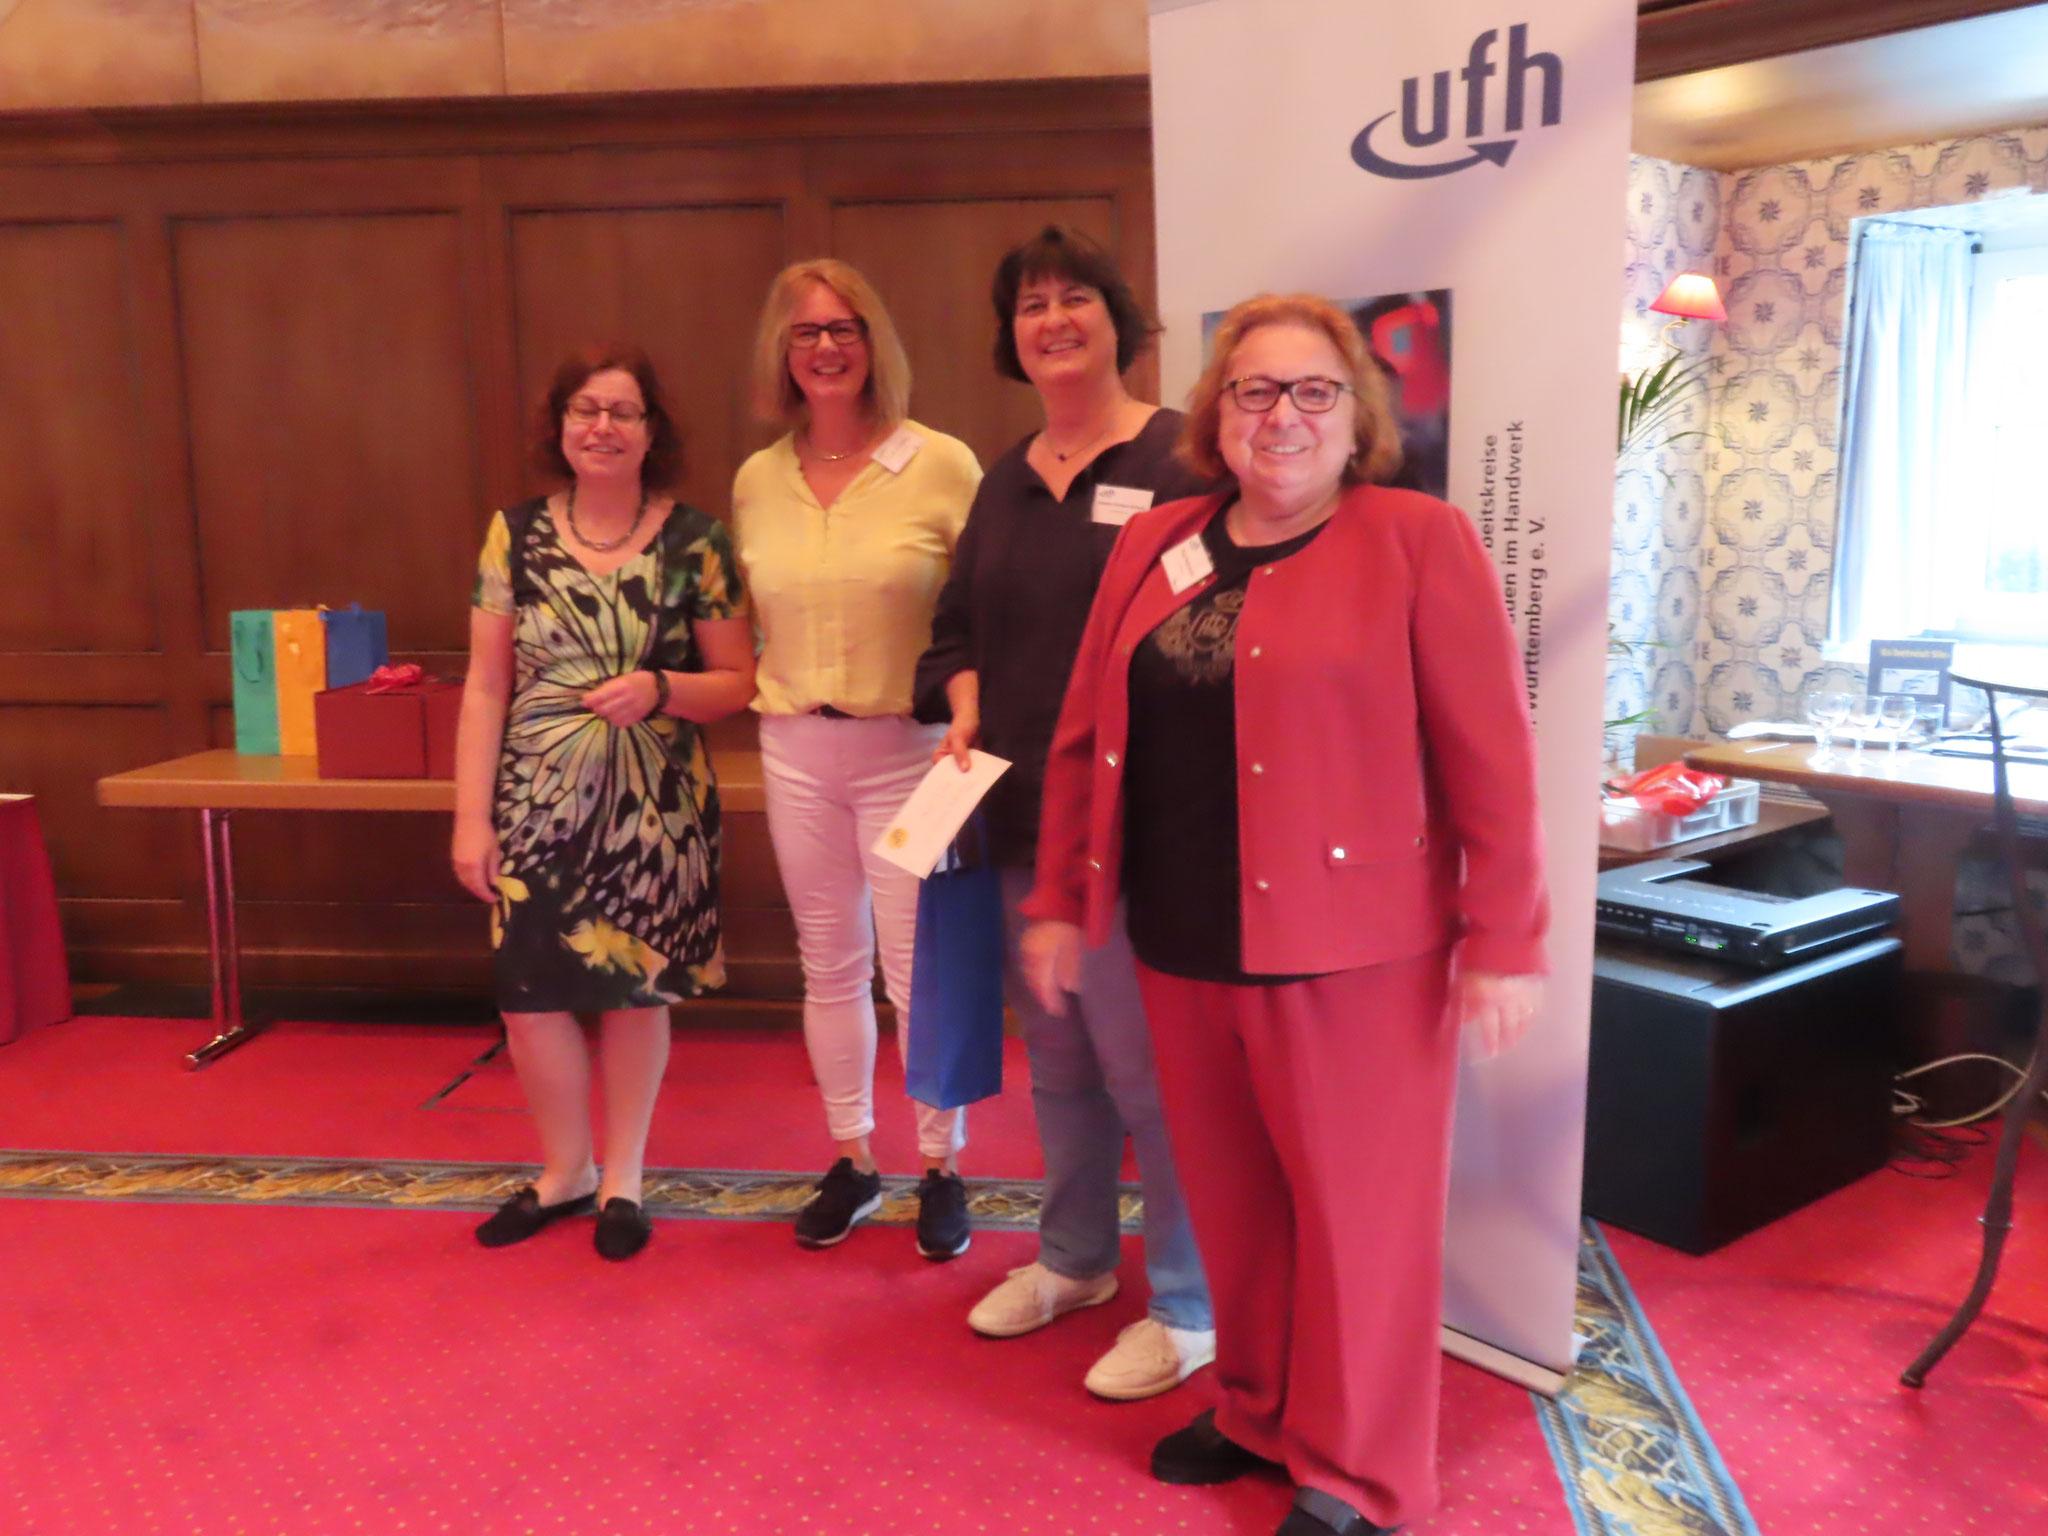 09-2019 ufh-Landesverbandtagung in Rust Ehrung zum 35. Bestehen des AK Mittelbaden